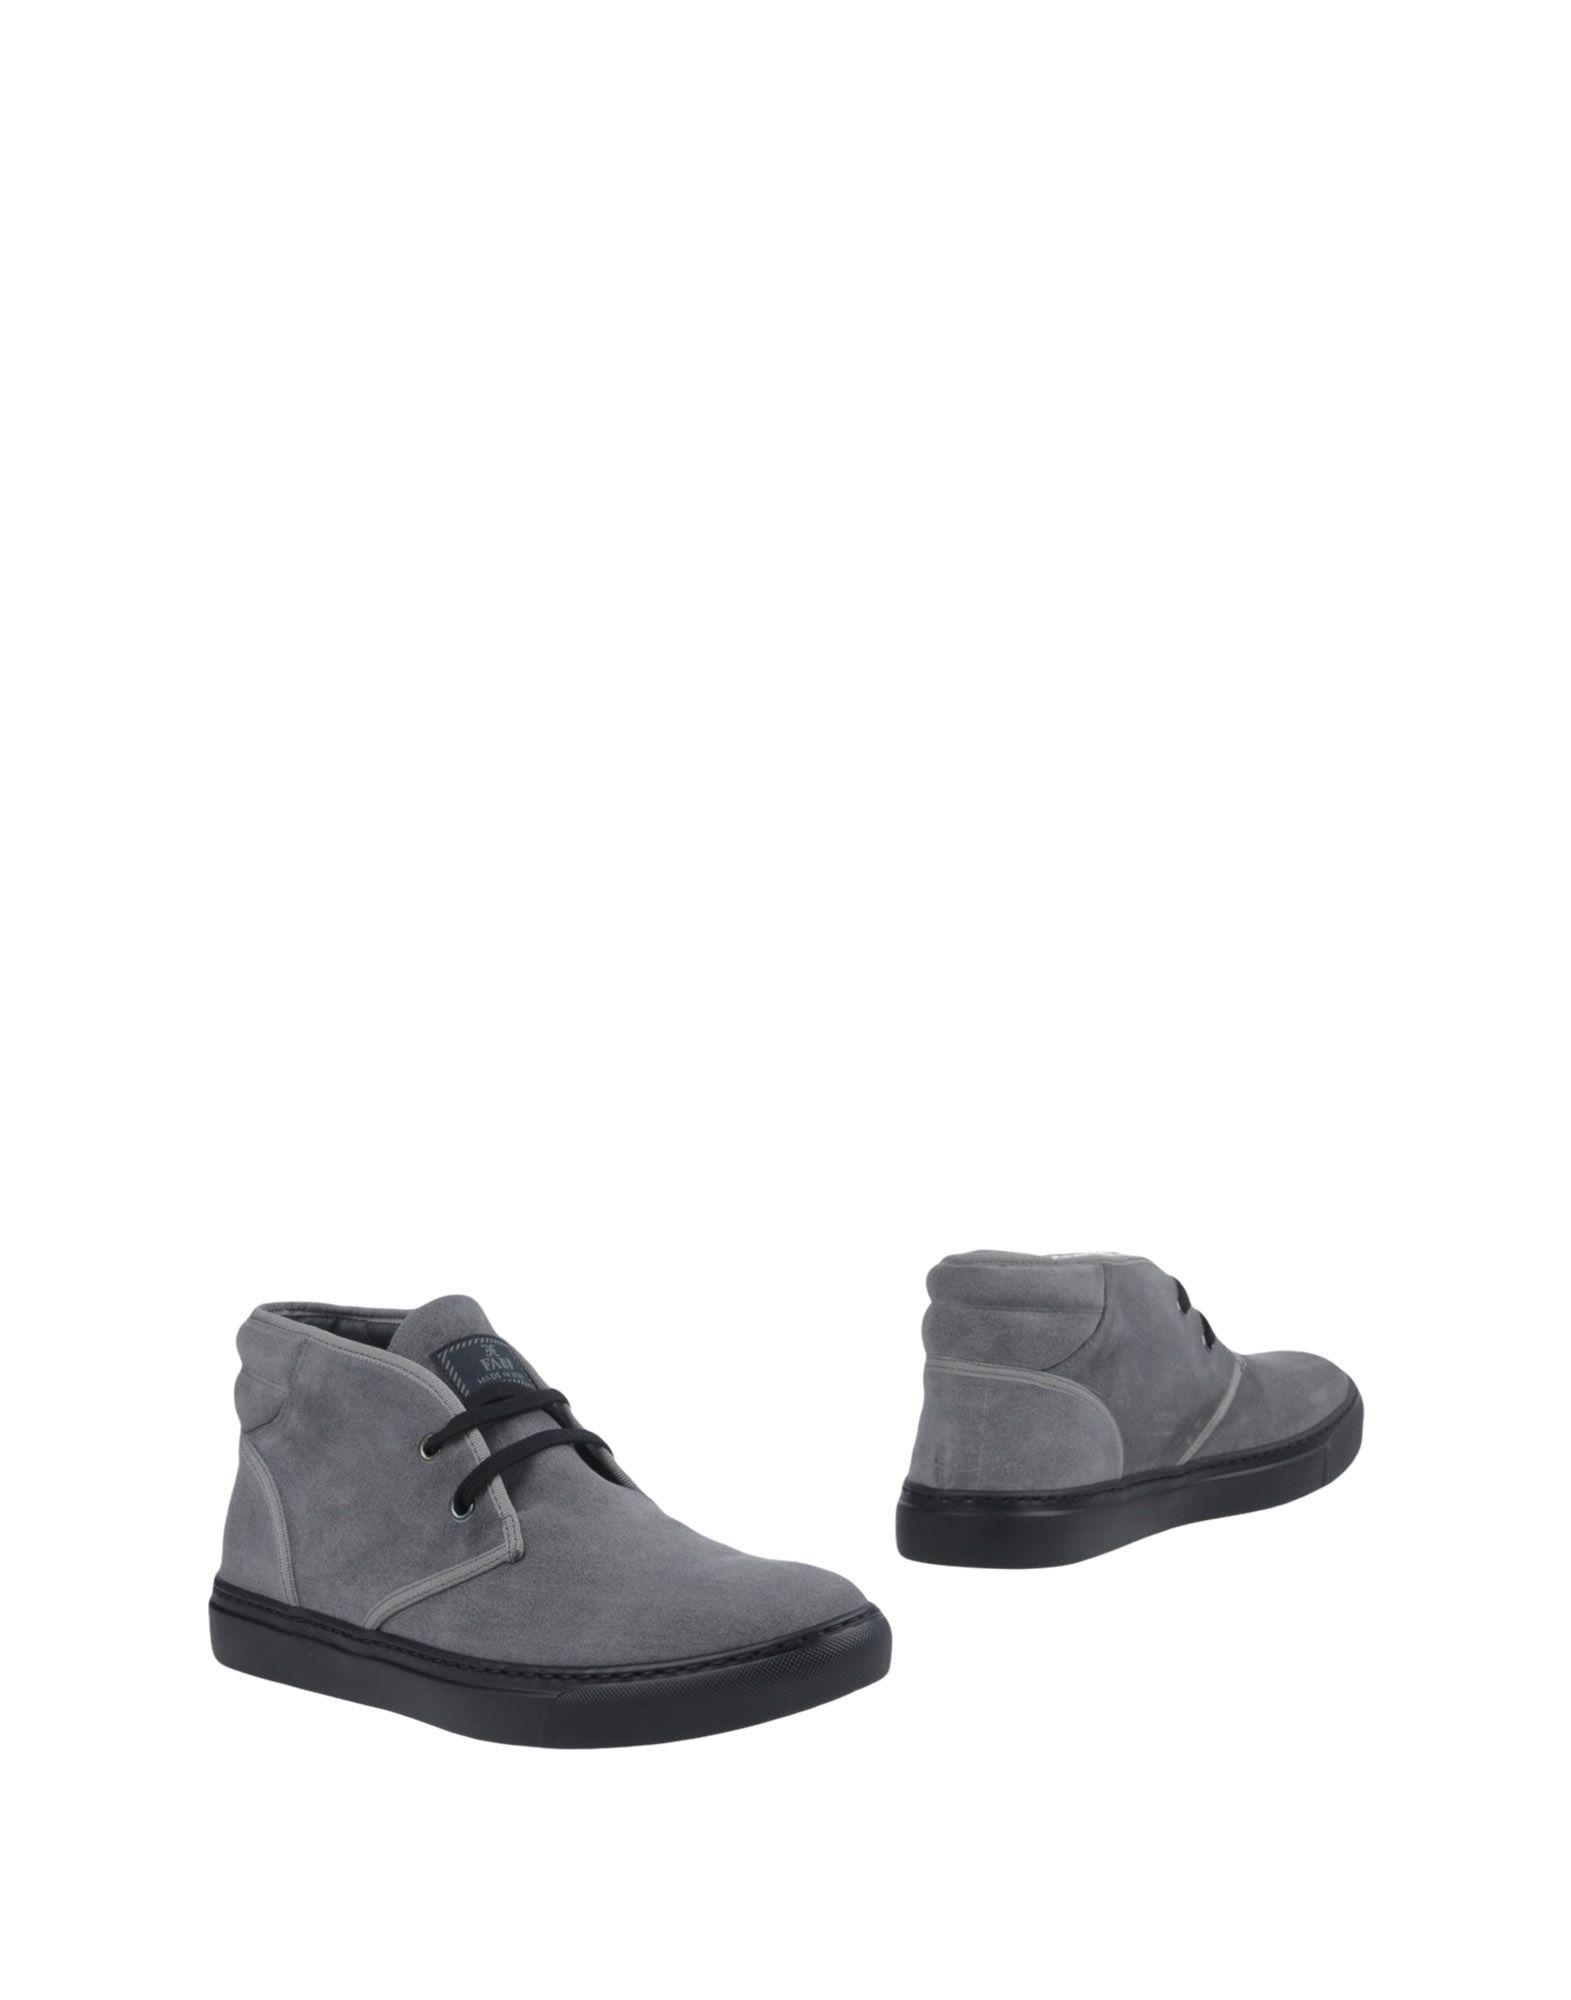 Fabi Stiefelette Herren  11386166AC Gute Qualität beliebte Schuhe